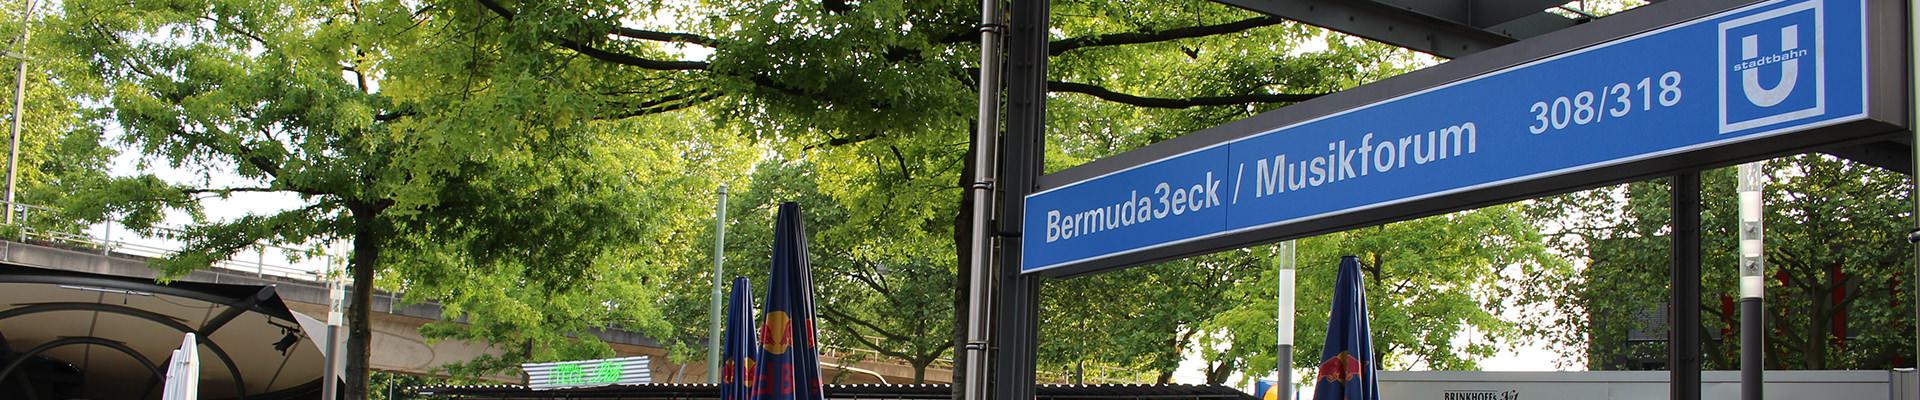 Mit öffentlichen Verkehrsmitteln, steigen sie am Bermudadreieck / Musikforum aus. Zahnarzt Gollnow - Zahnarztpraxis in Bochum